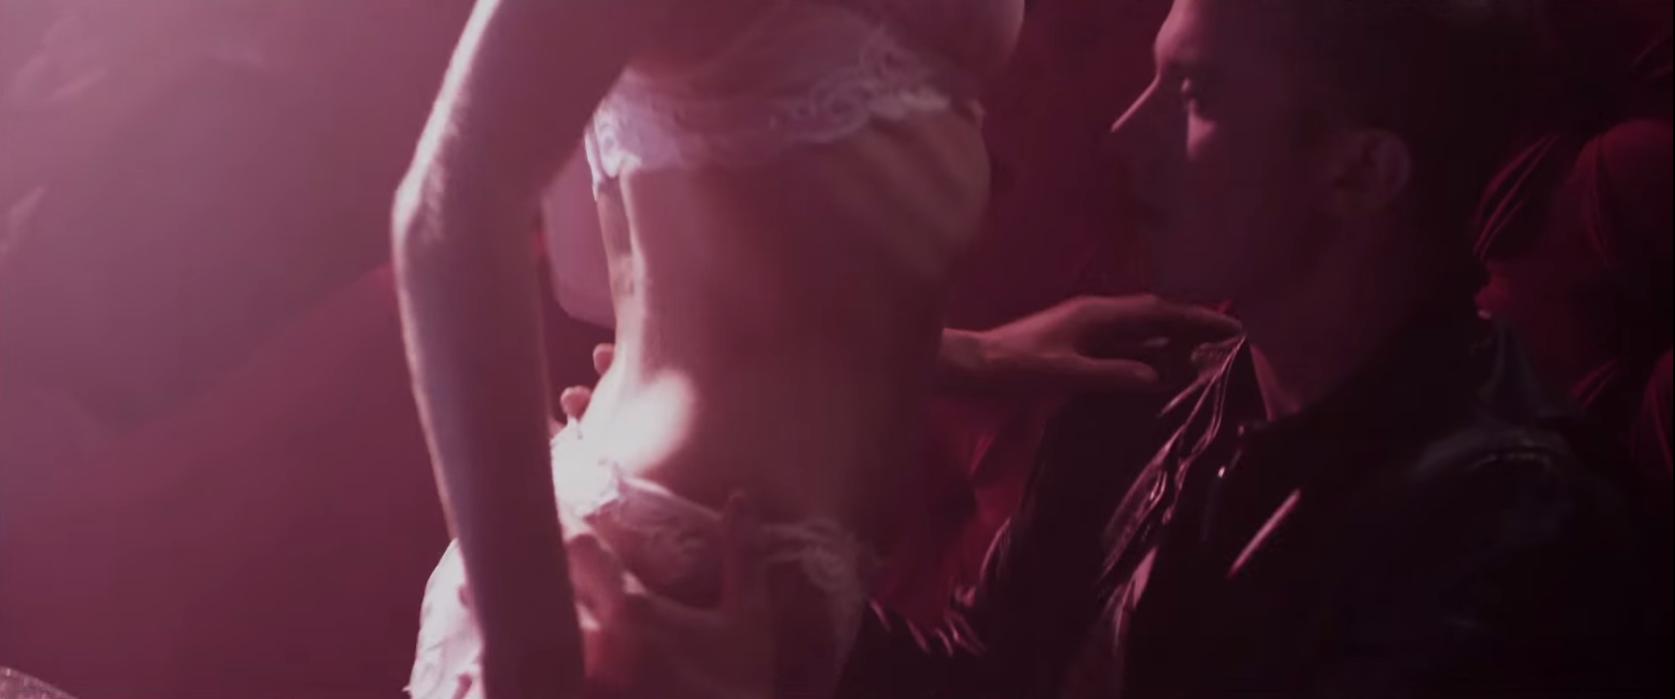 Lap Dance 2014 Full Movie